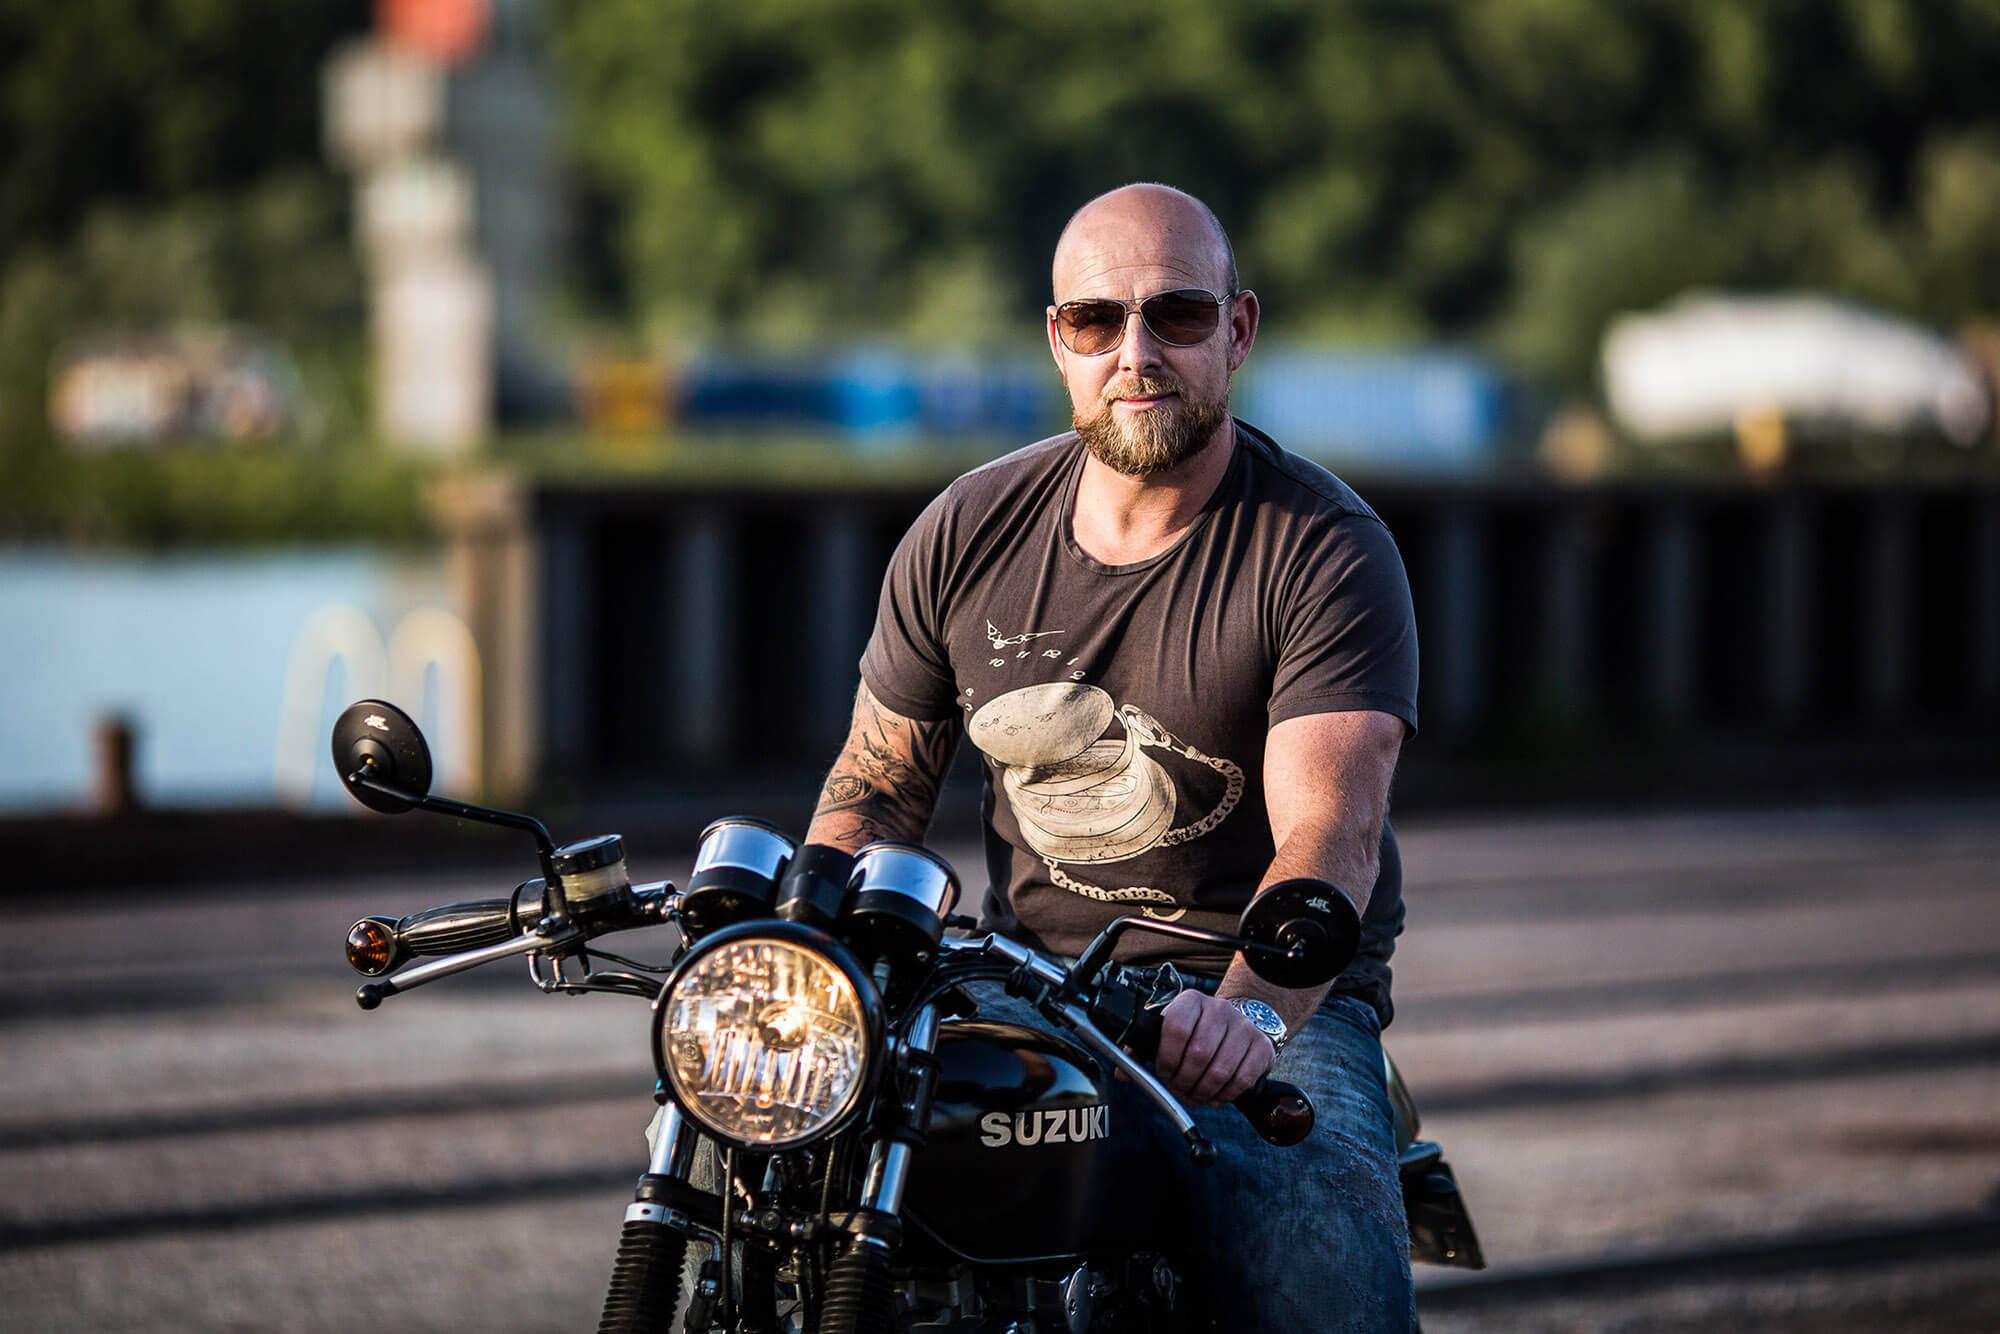 motorbike suzuki coffee bike portrait photography portraitfotografie flap photography fotograf philipp greindl photographer linz austria